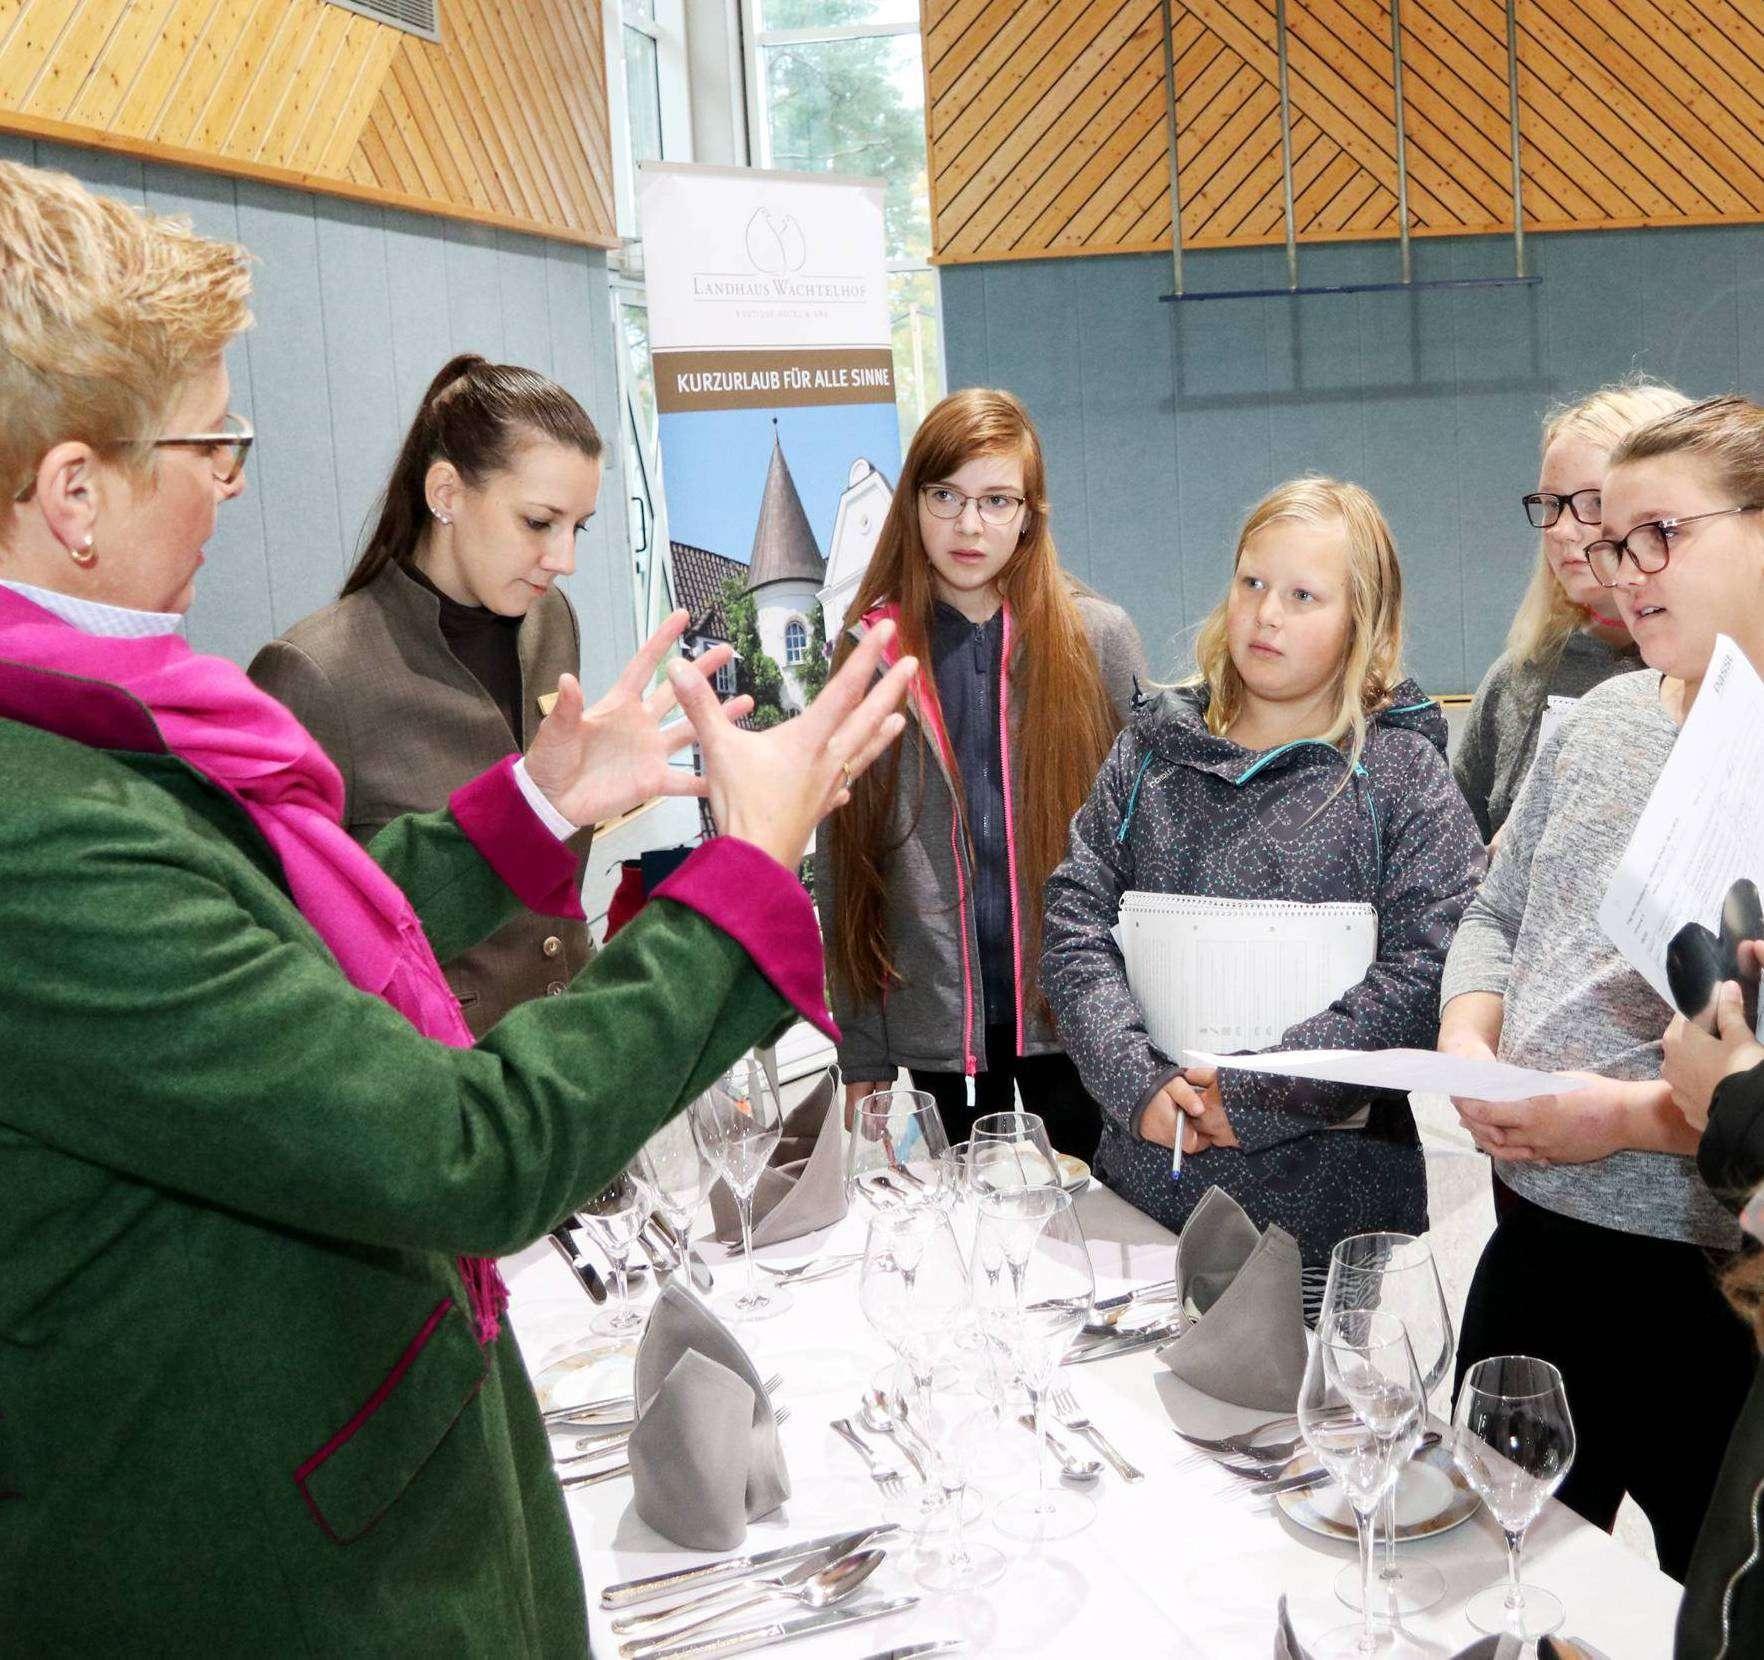 Die Schüler der Botheler Wiedau-Schule hatten die Möglichkeit, verschiedene Bereiche ein wenig kennenzulernen und etwas über die Möglichkeiten dort zu erfahren. Foto: Nina Baucke